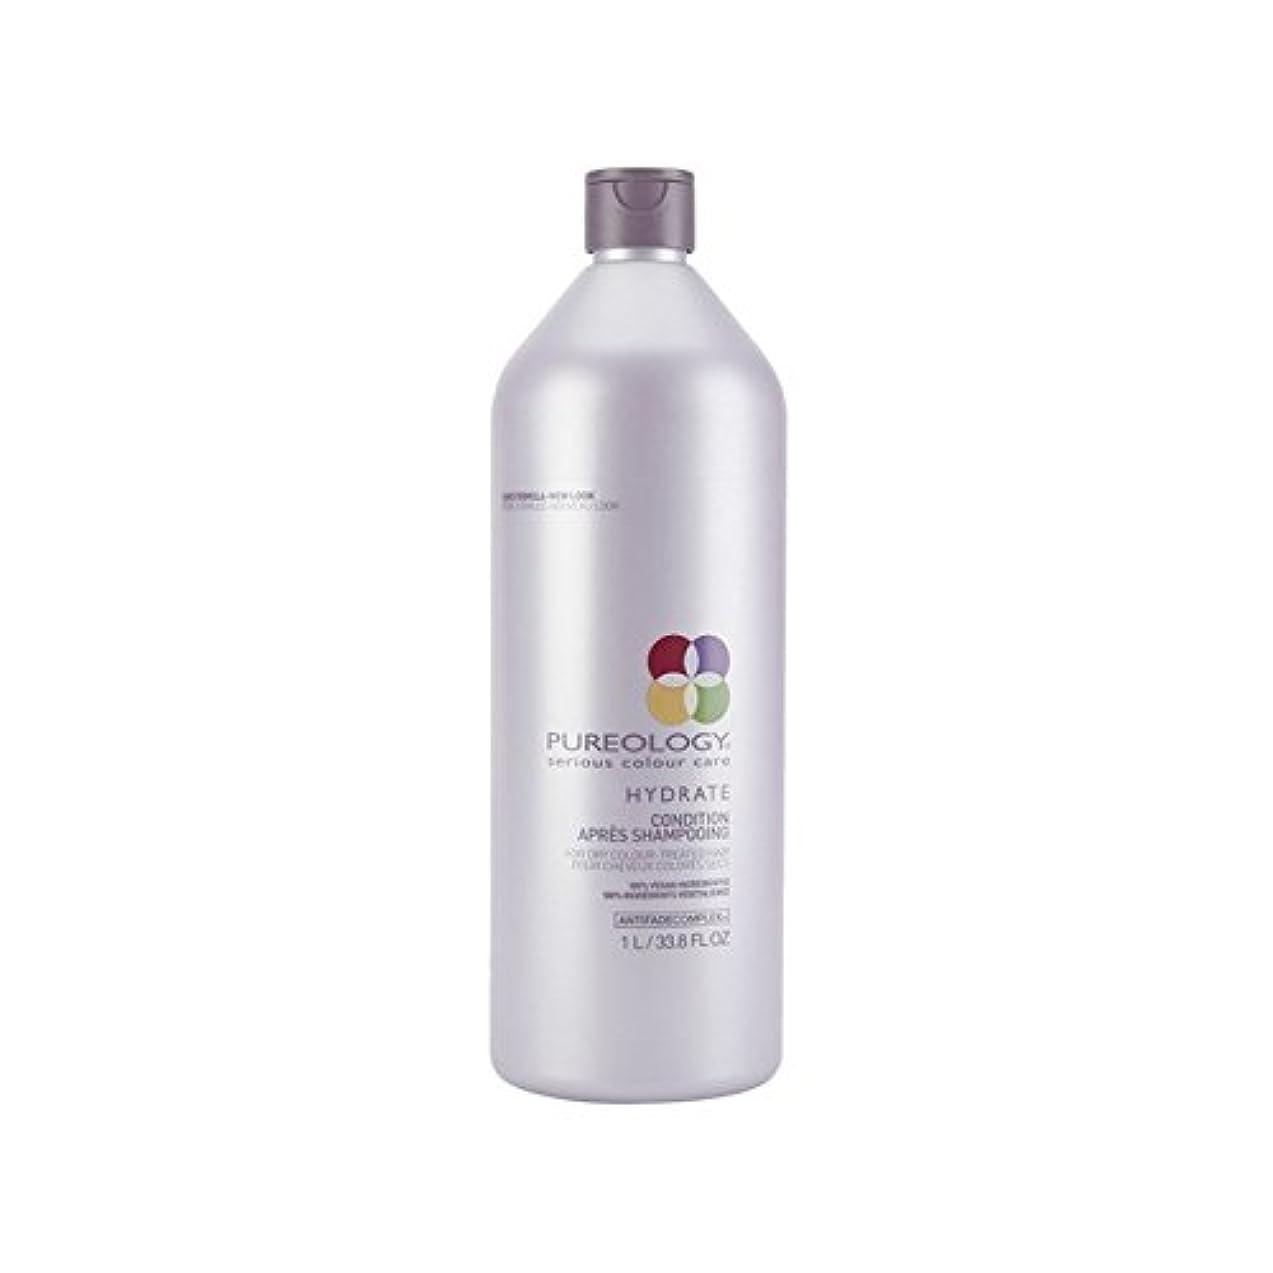 インレイ同行する振る純粋な水和物コンディショナー(千ミリリットル) x2 - Pureology Pure Hydrate Conditioner (1000ml) (Pack of 2) [並行輸入品]